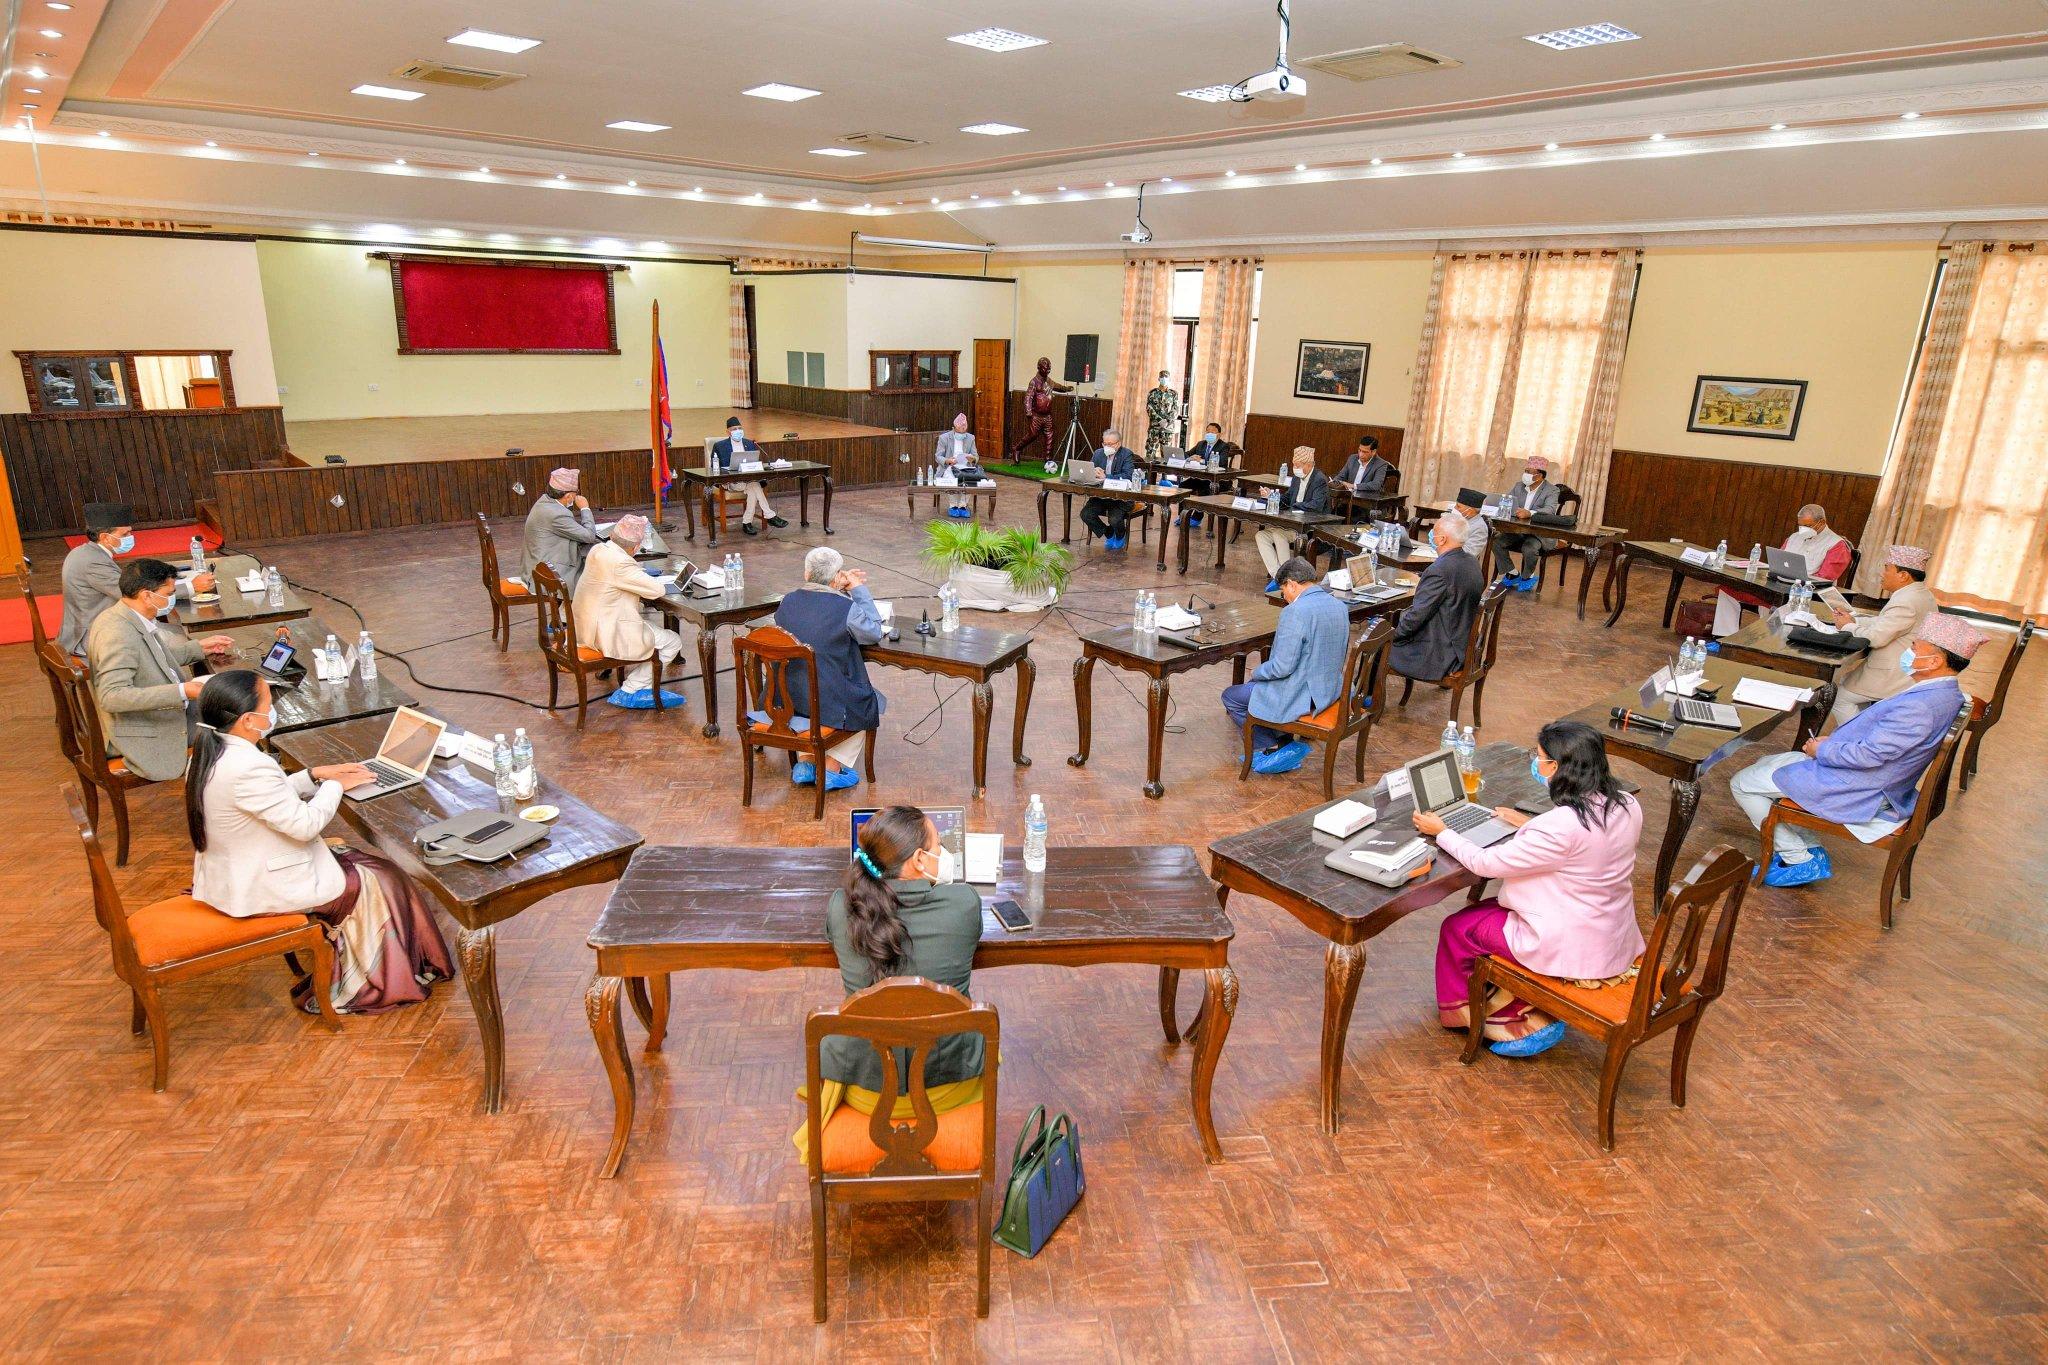 बालुवाटारमा मन्त्रिपरिषद् बैठक सुरु